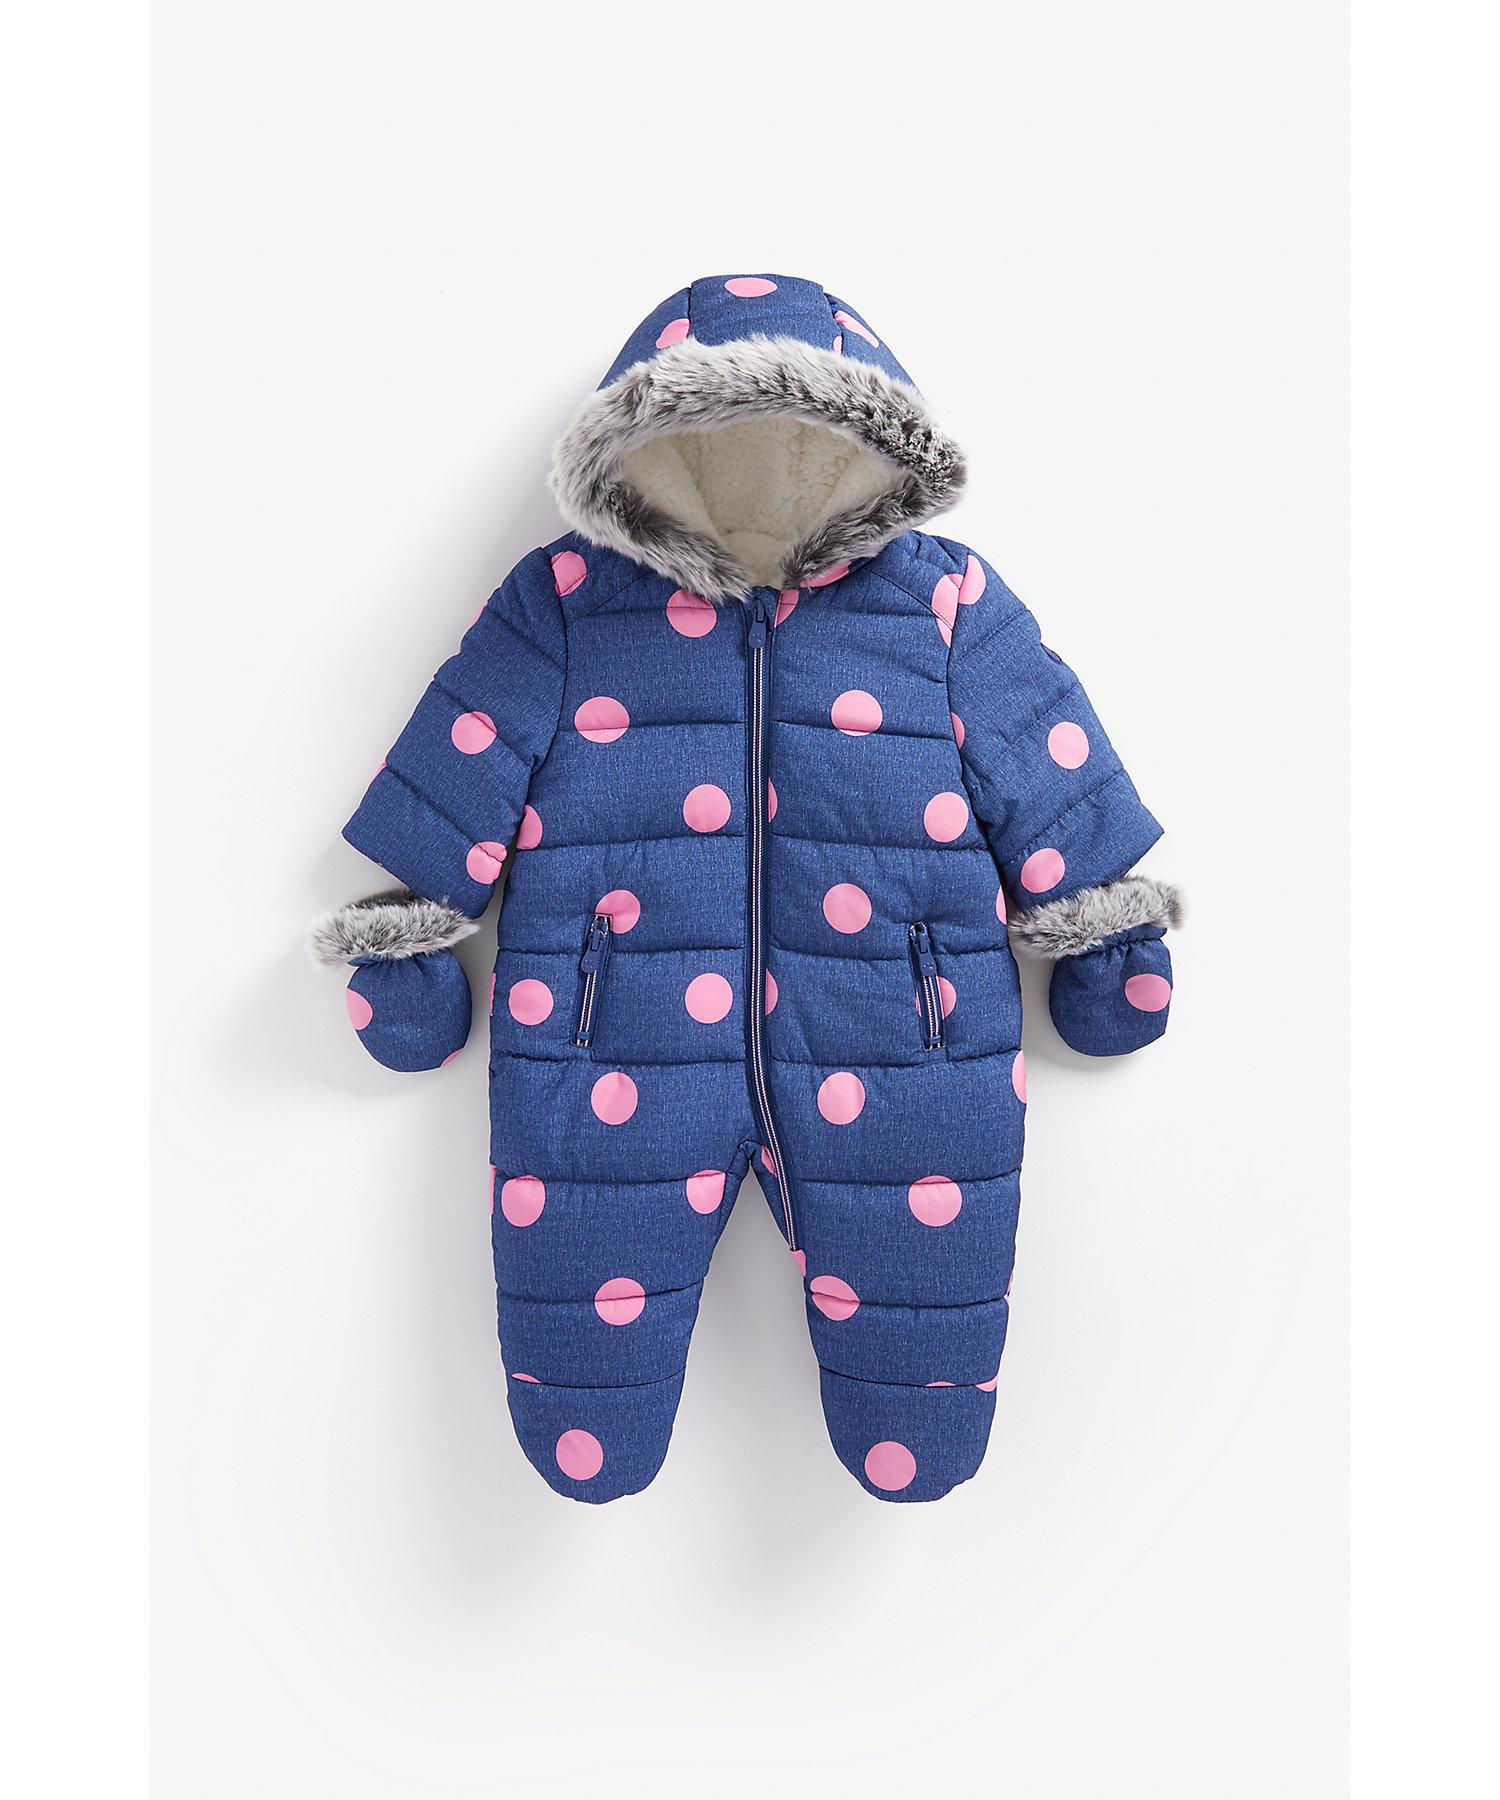 Mothercare | Girls Full Sleeves Snowsuit Polka Dot Print - Navy